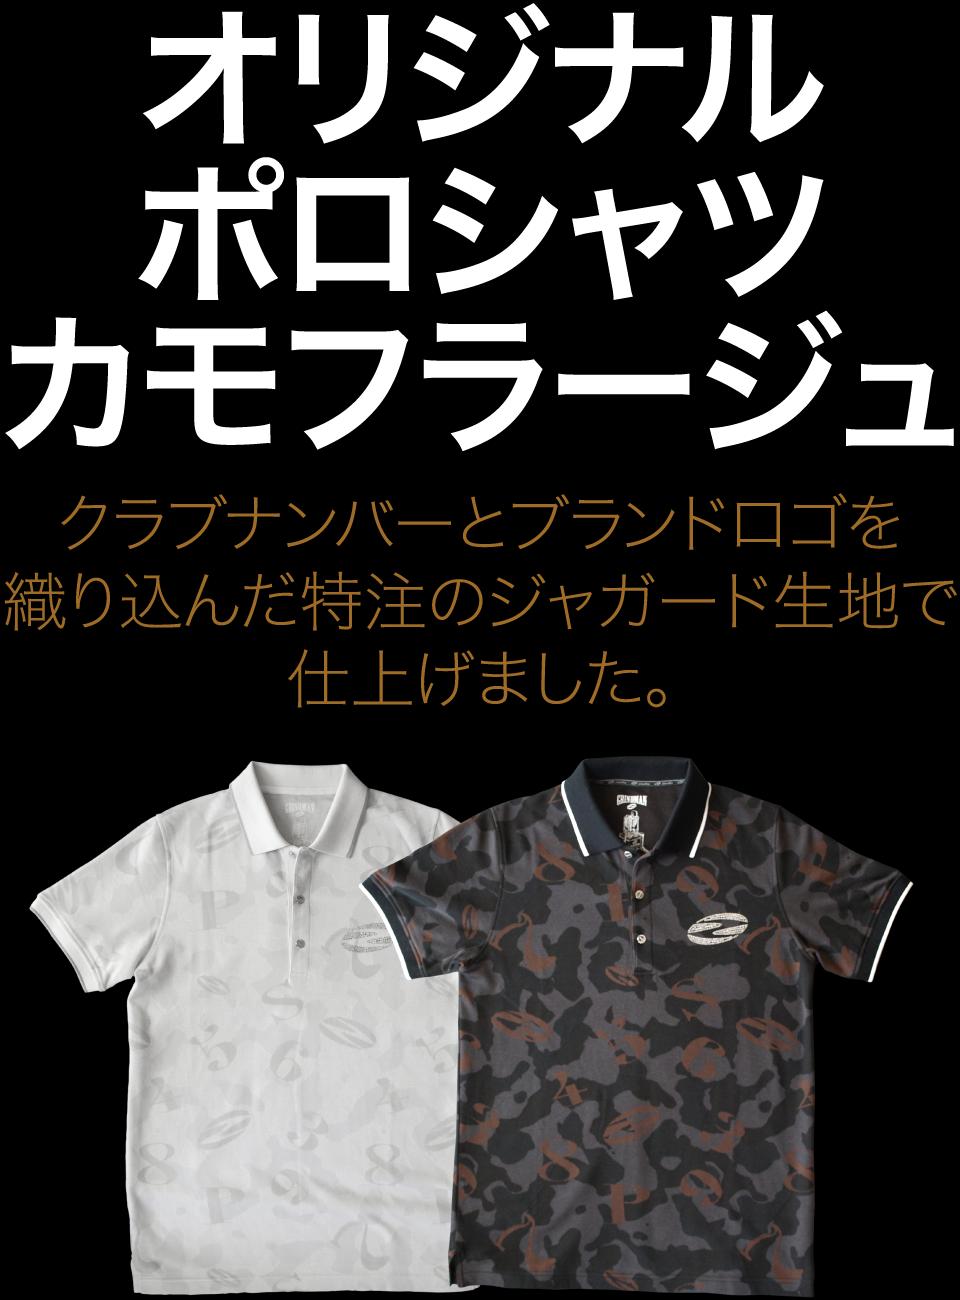 Zodia 初となるオリジナルポロシャツ。クラブナンバーと Z ロゴがカモフラージュ柄に散りばめられたデザインになっています。